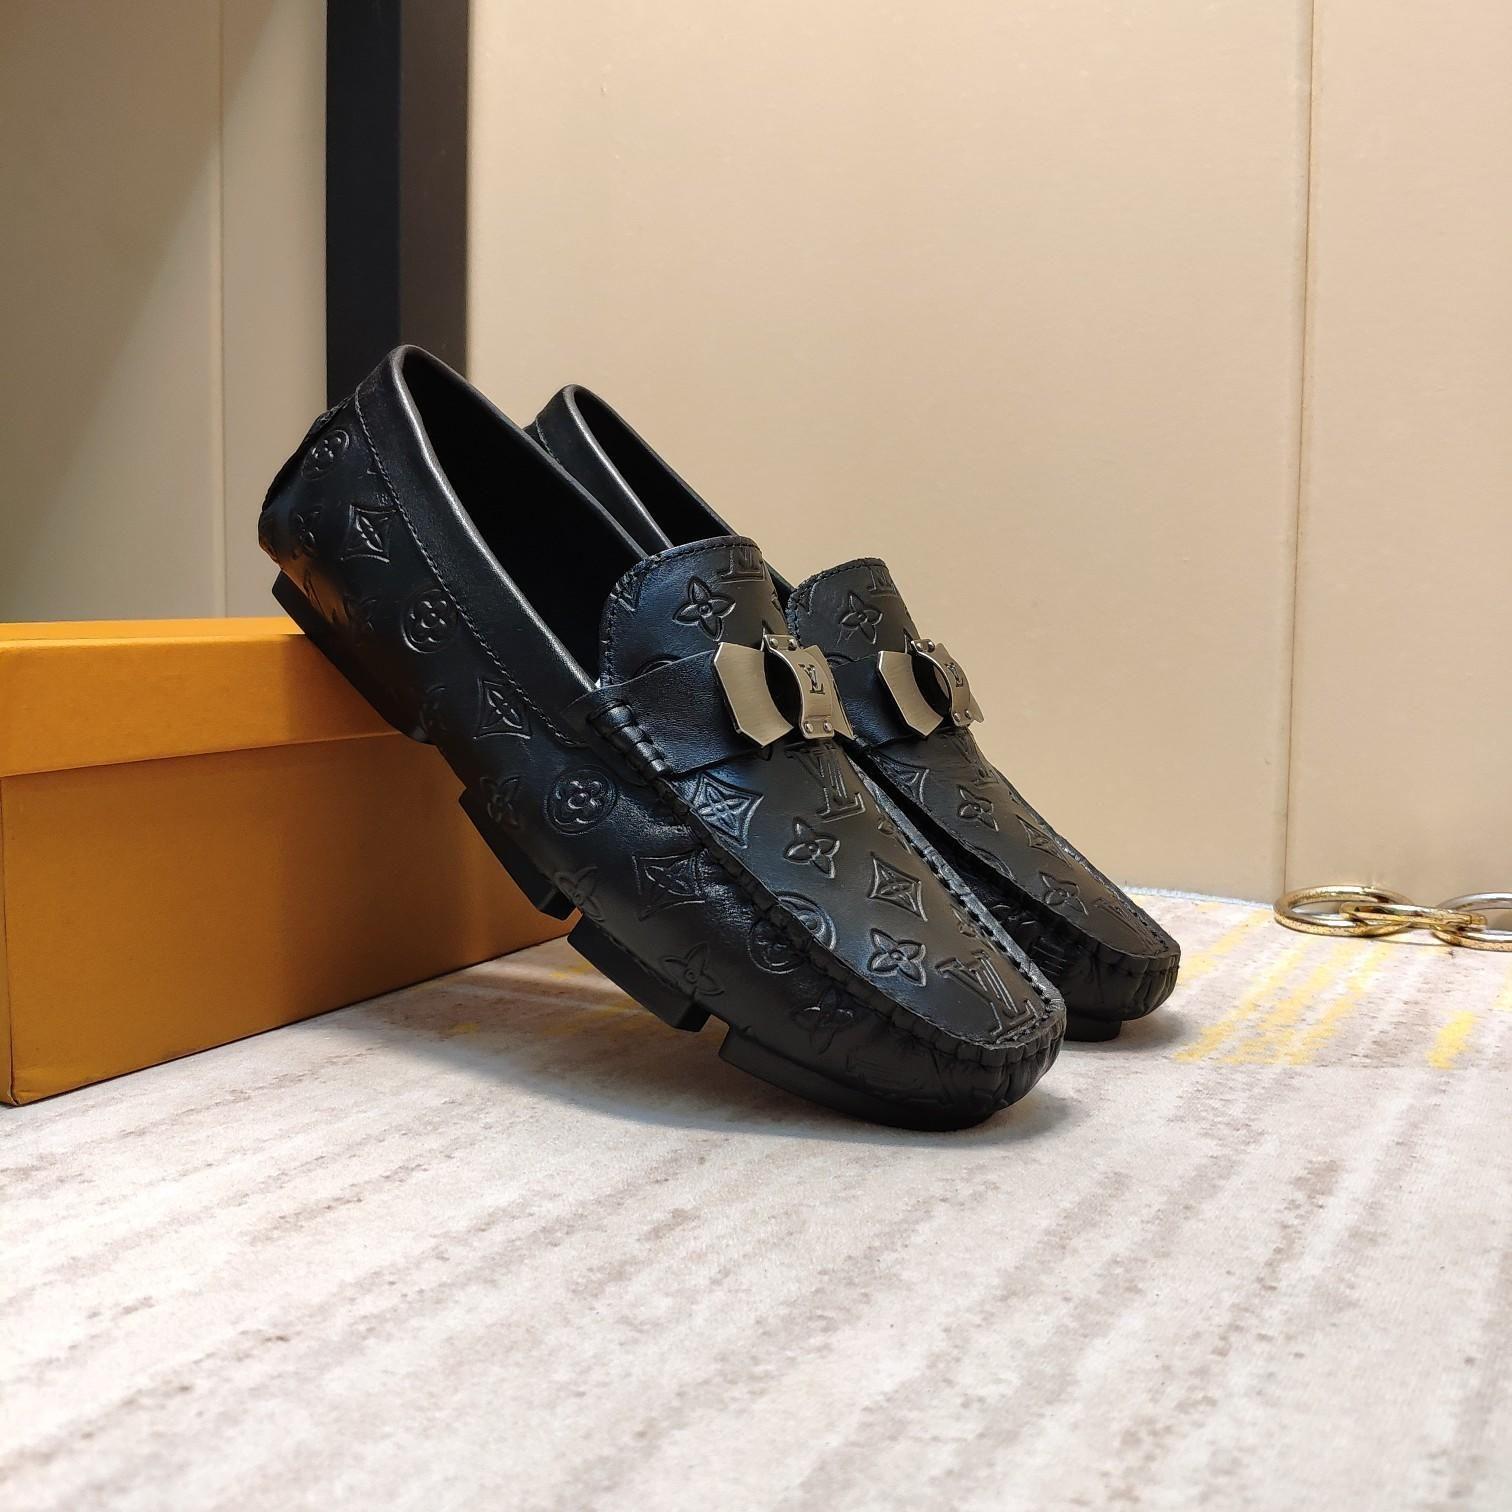 2021u Verão Tide Marca Men '; S moda ervilhas calçados casuais, versáteis confortáveis Sports preguiçosos sapatos, um conjunto completo de sapatos Original Box 38